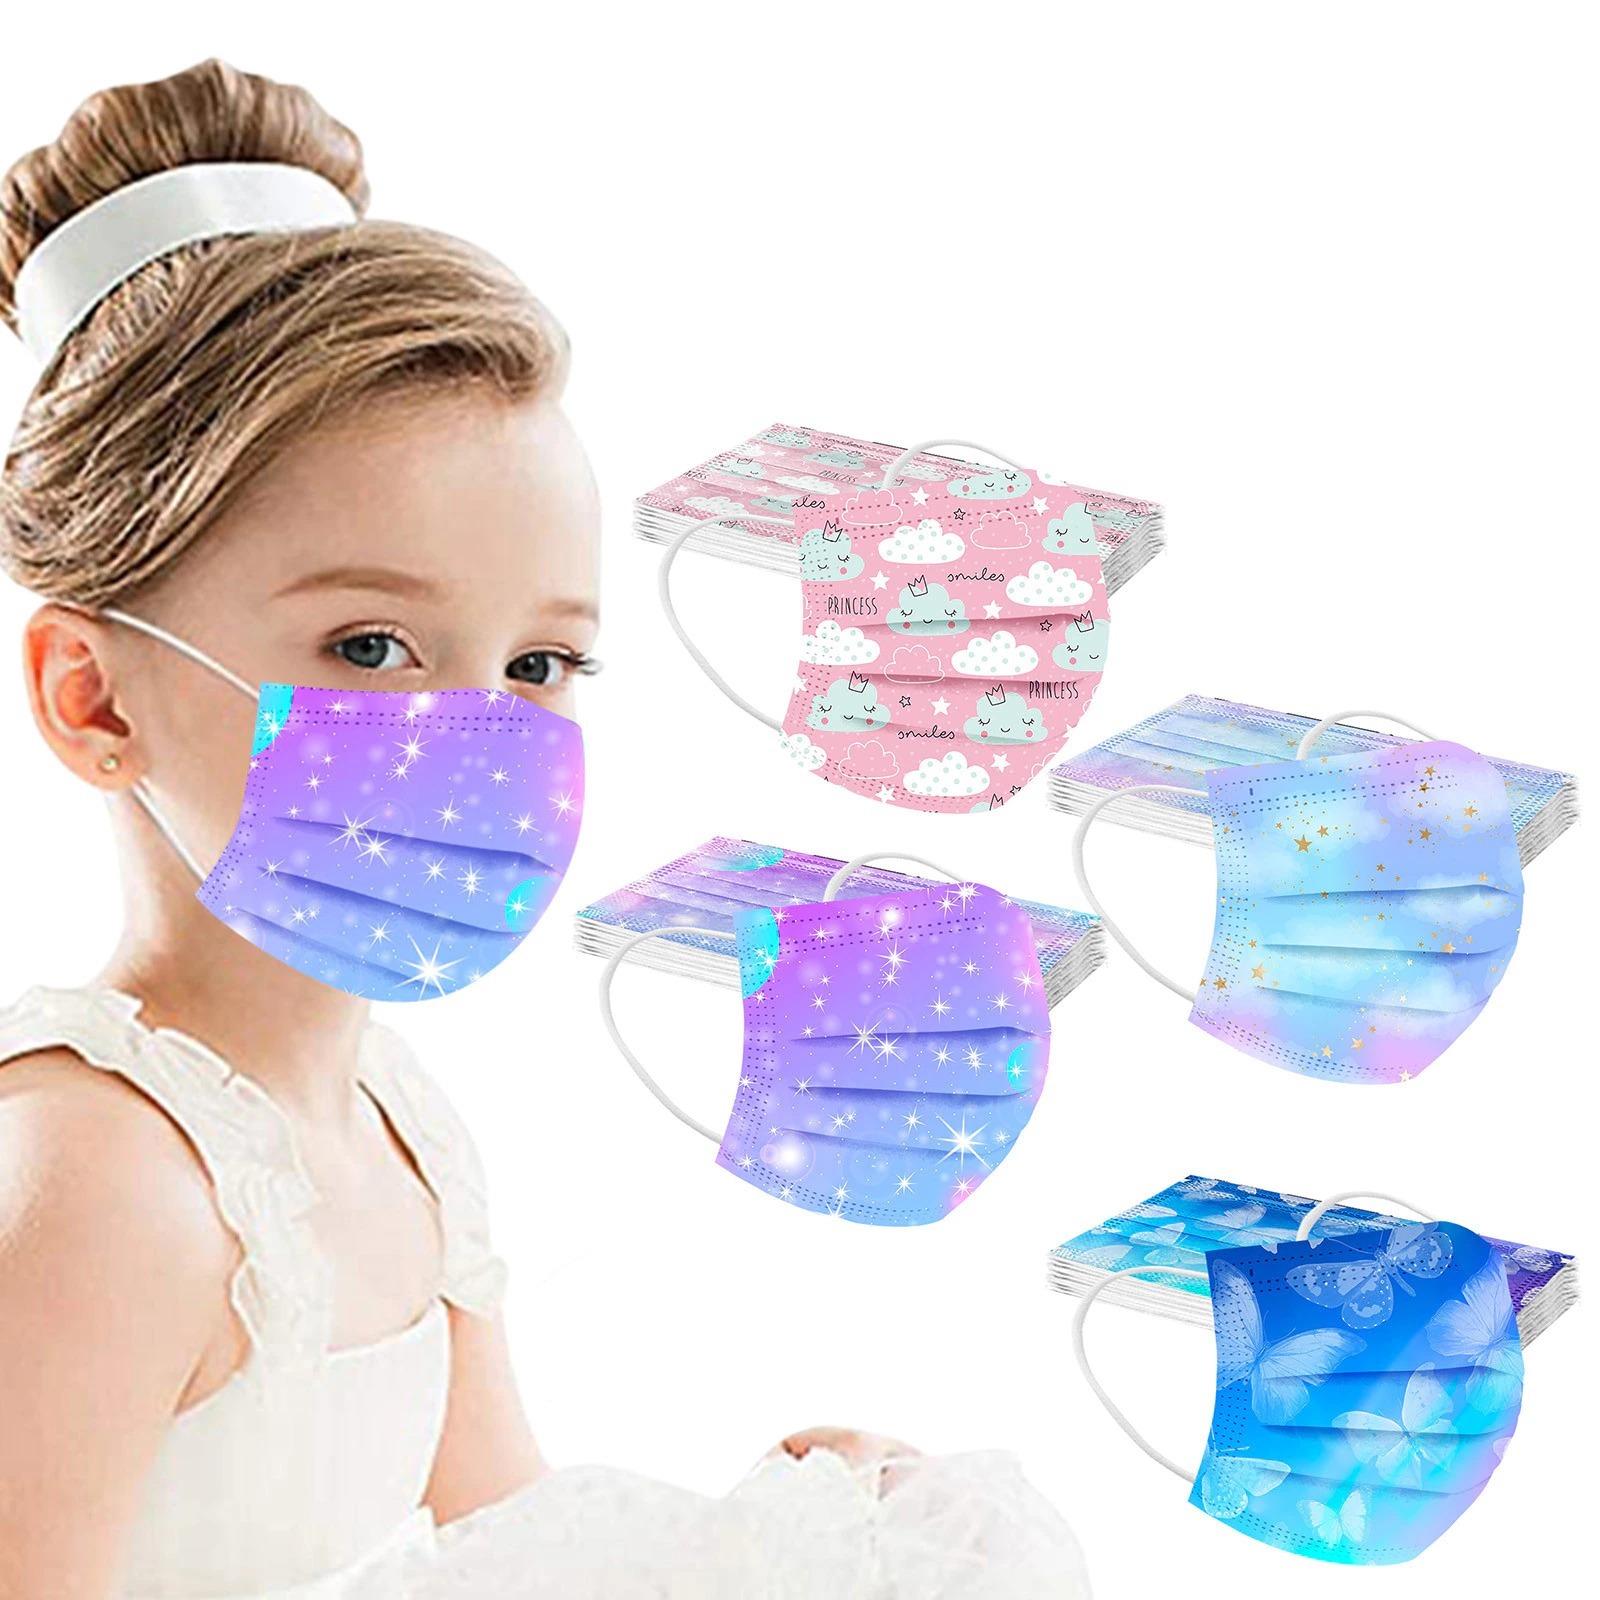 Masques chirurgicaux colorés pour enfant de 6 à 12 ans